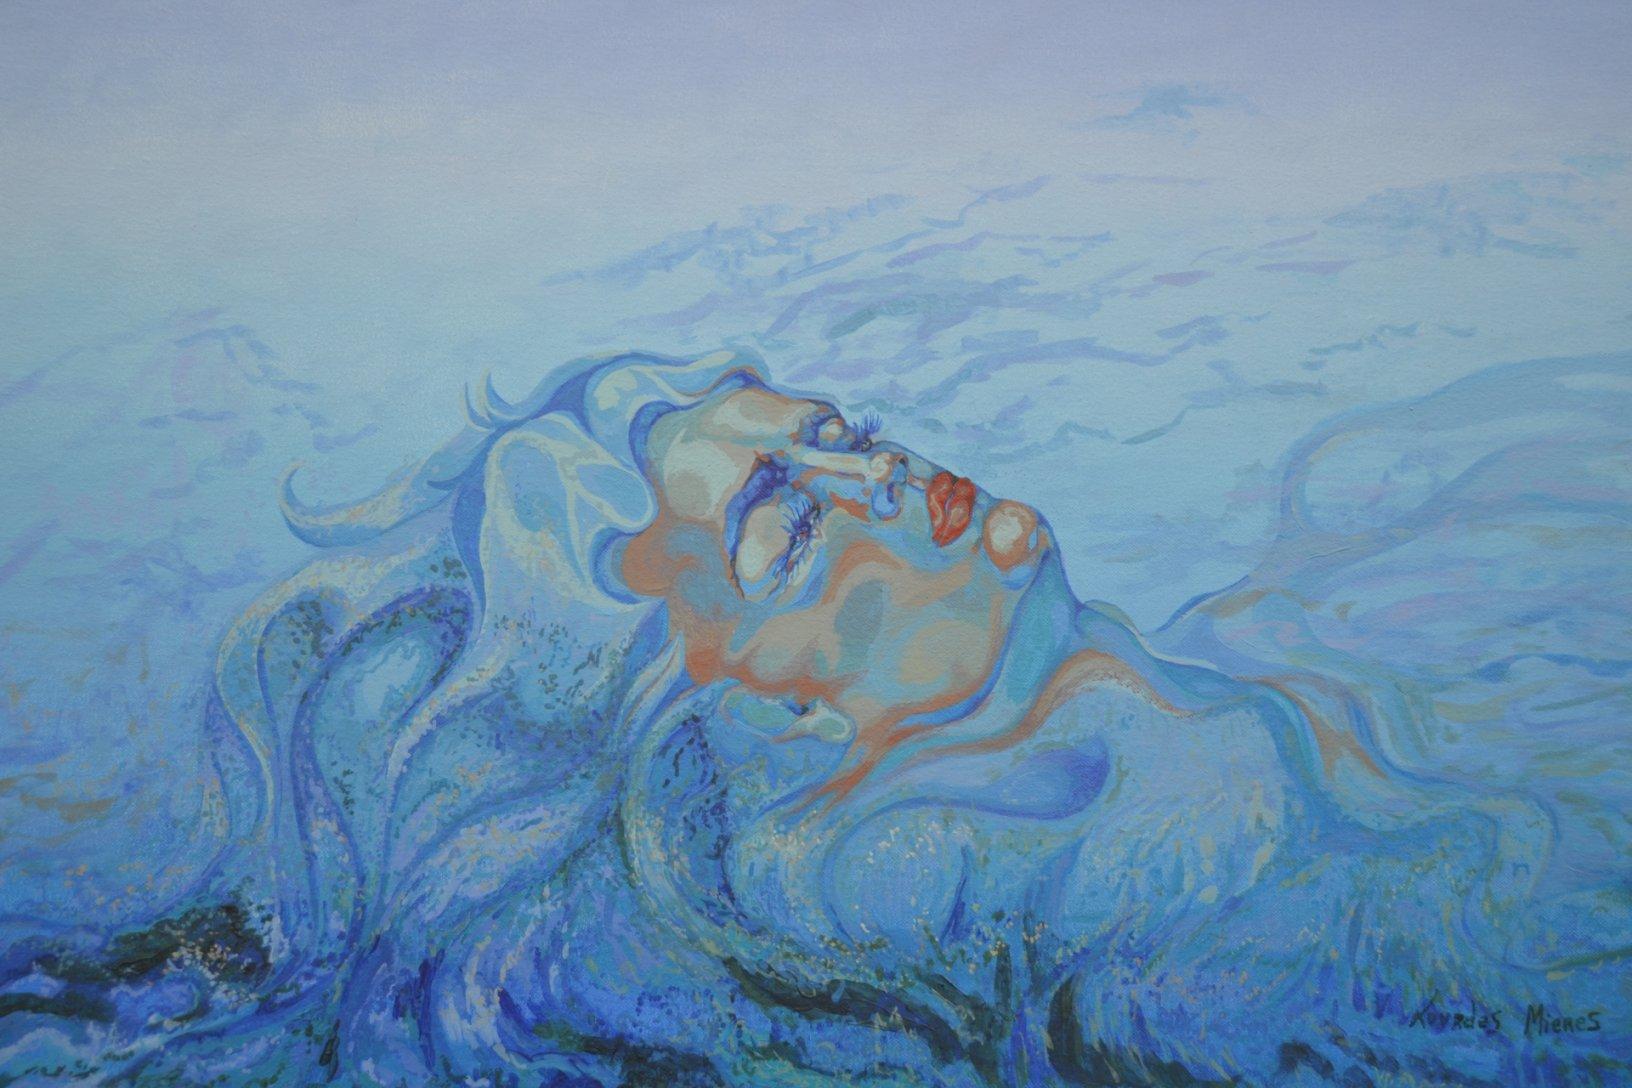 Soñando en azul (2015) - Lourdes Mieres Velilla